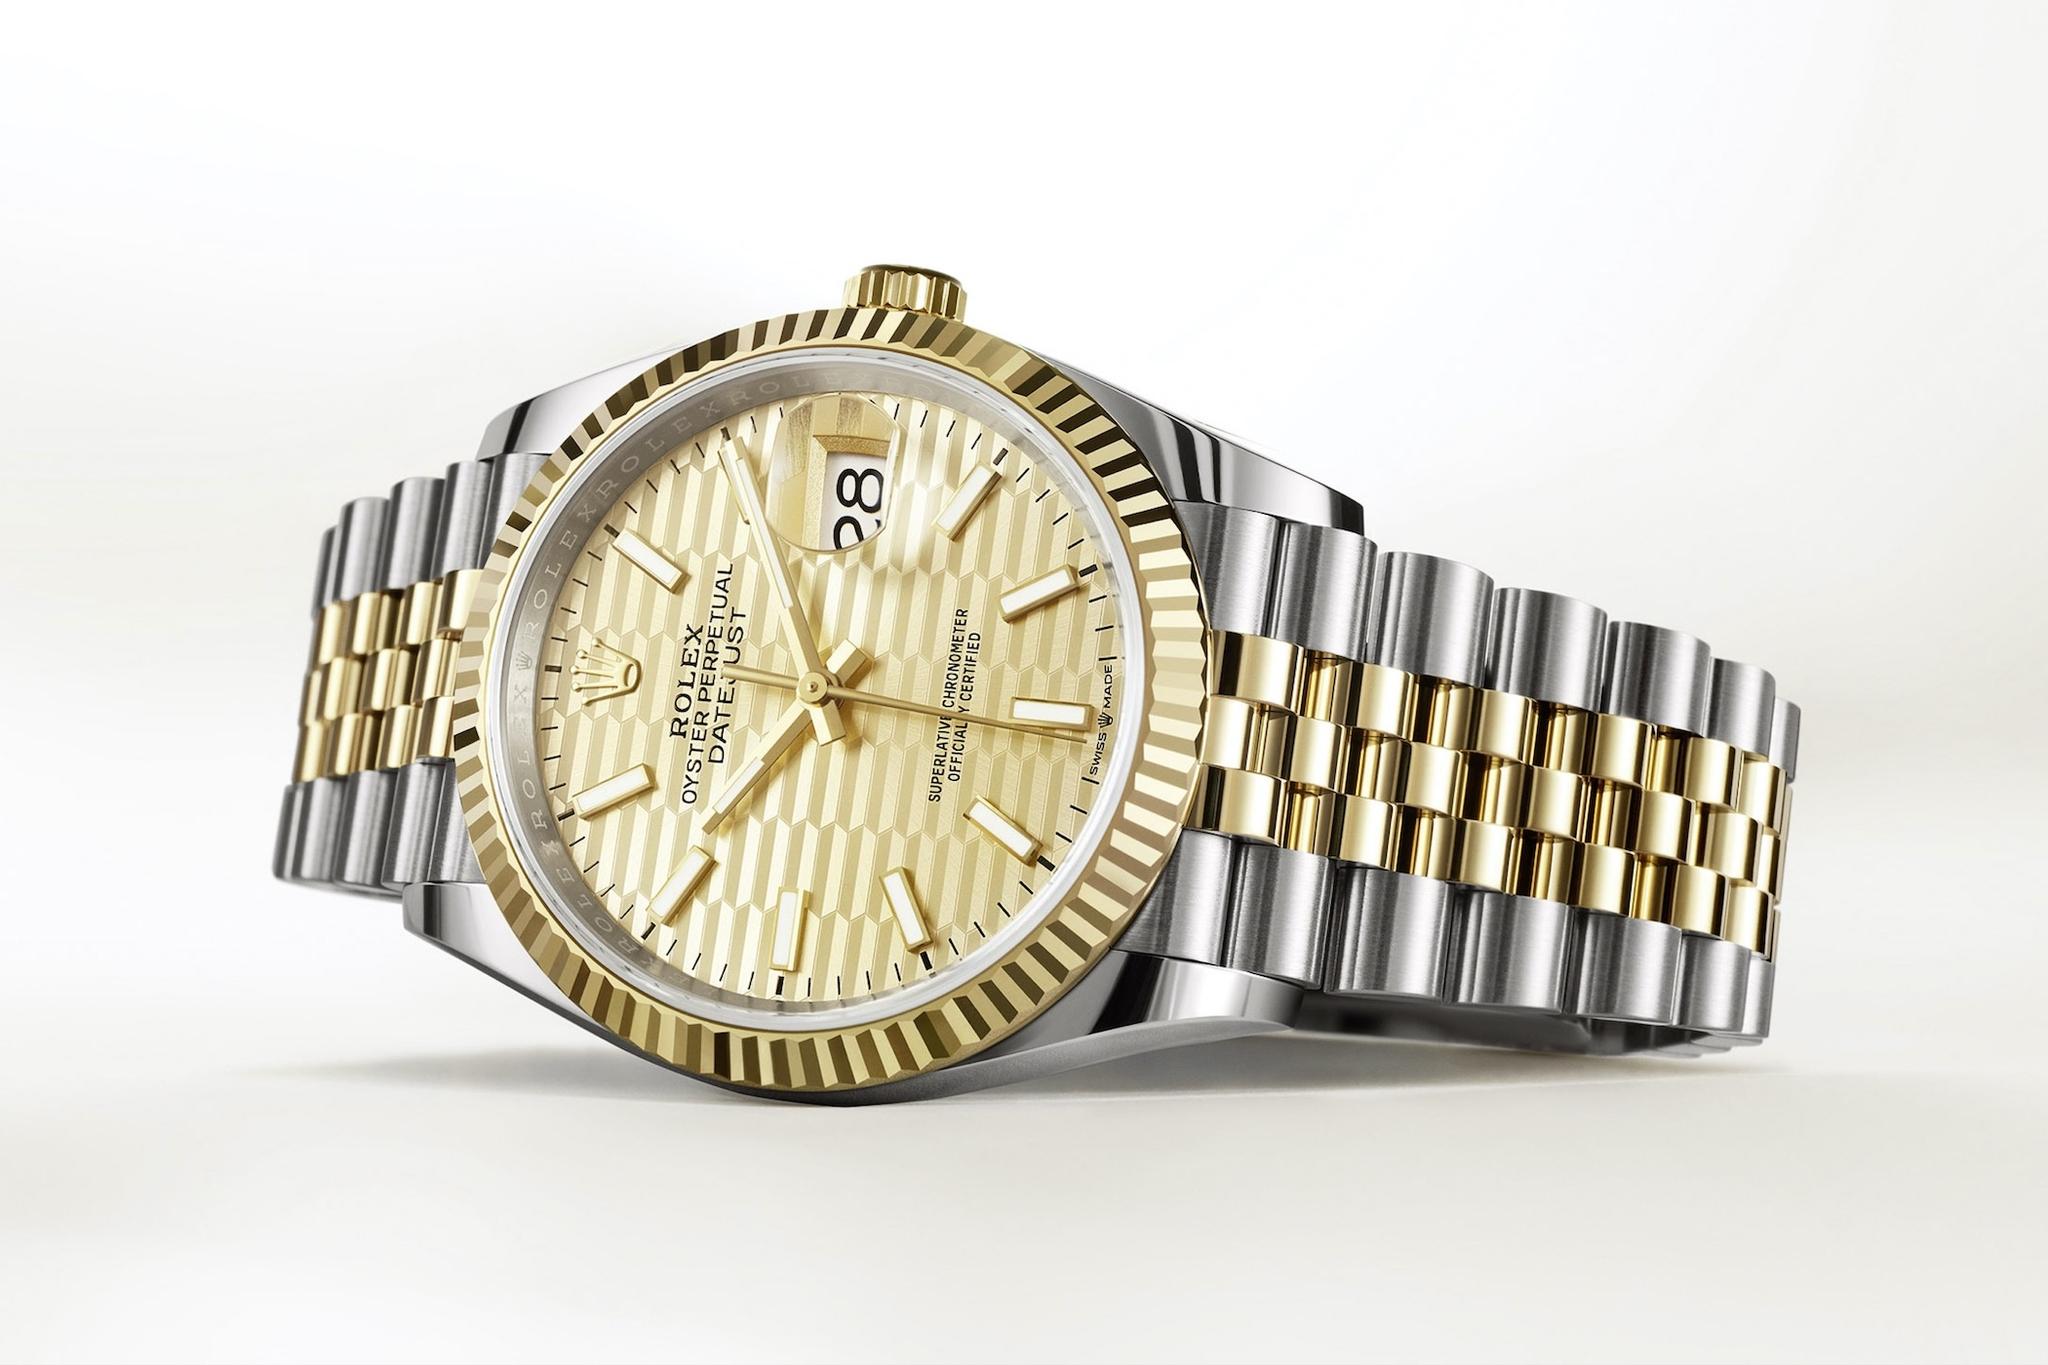 đồng hồ Rolex Datejust 36 của năm 2021